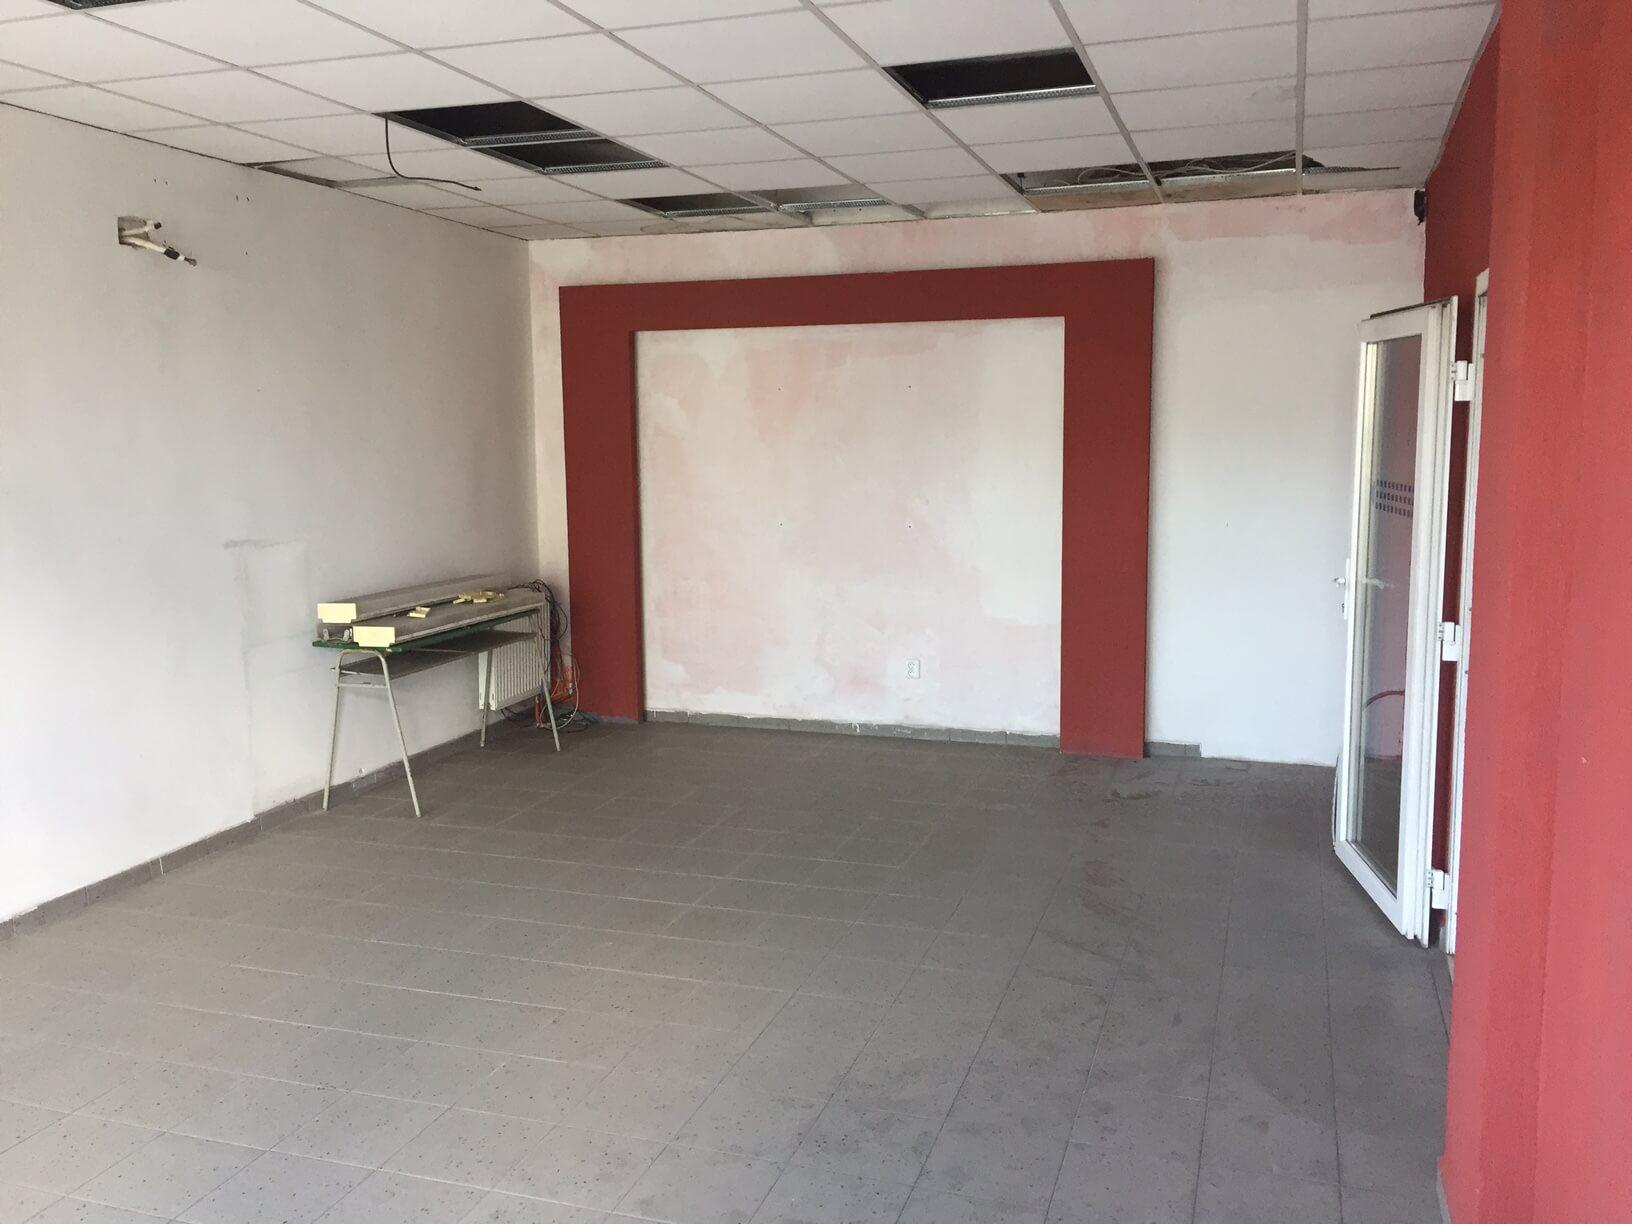 Predané: Predaj obchodného priestoru, najlepšie pre Autoservis, Pezinok, Ulica Mýtna/Šenkvická cesta. 240 m2-9